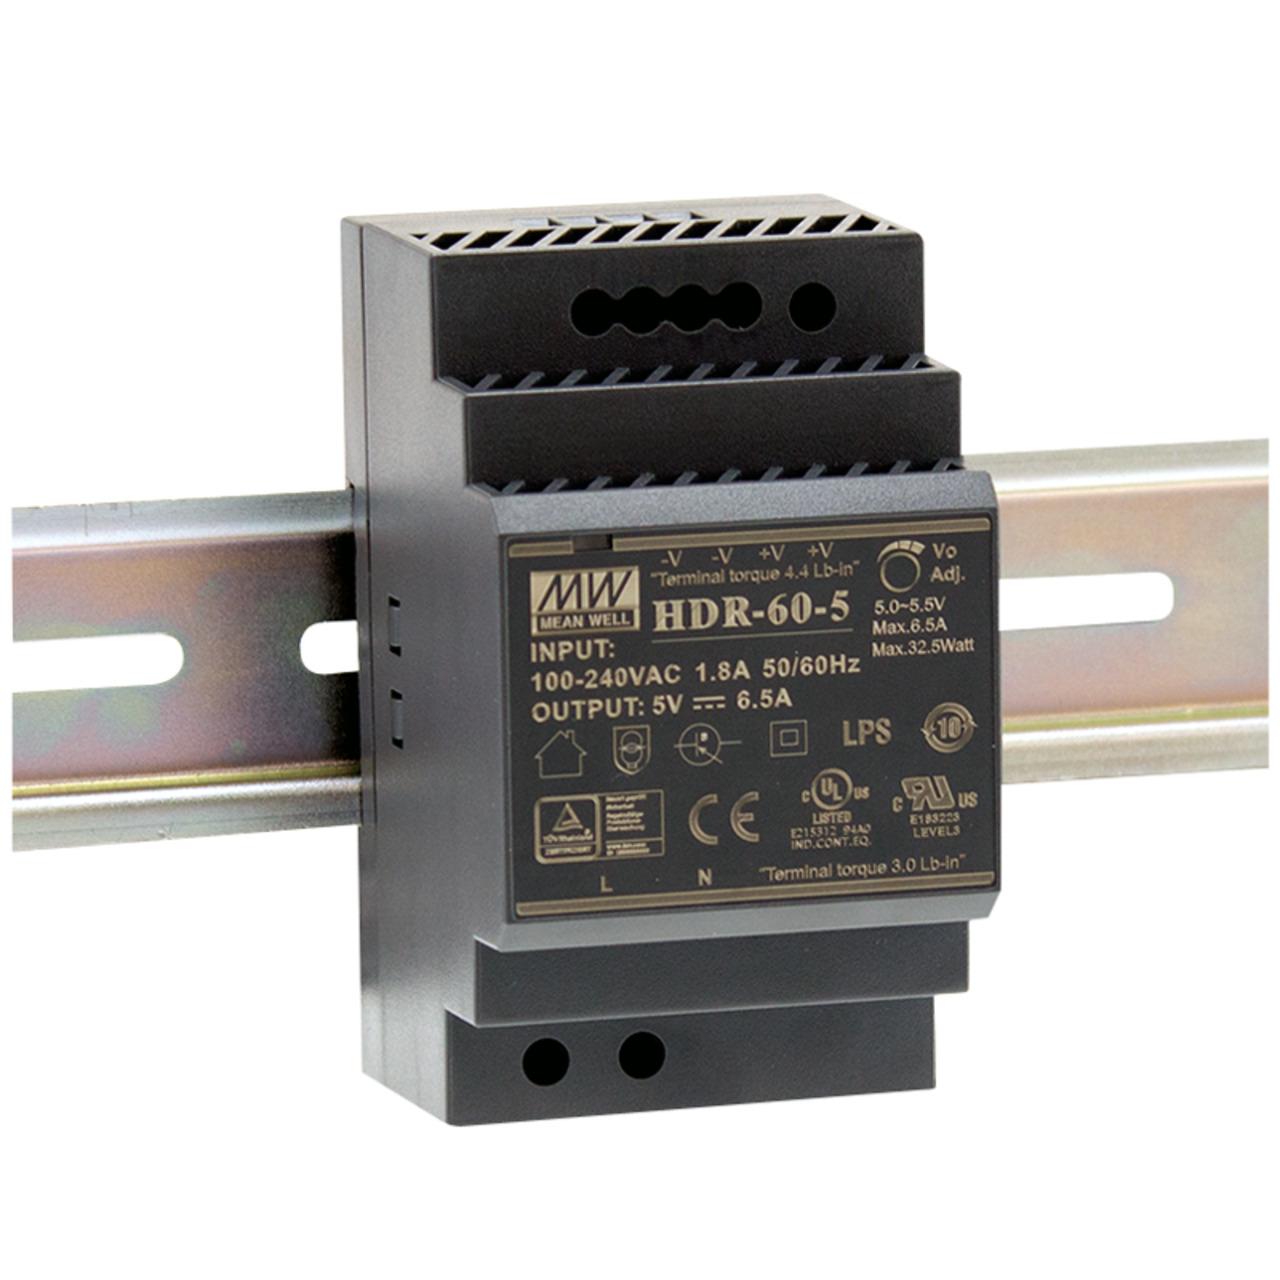 Mean Well Hutschienennetzteil 60 HDR-60-12 12 V- 4-5 A- 54 W- für Smart Home und Haussteuerung